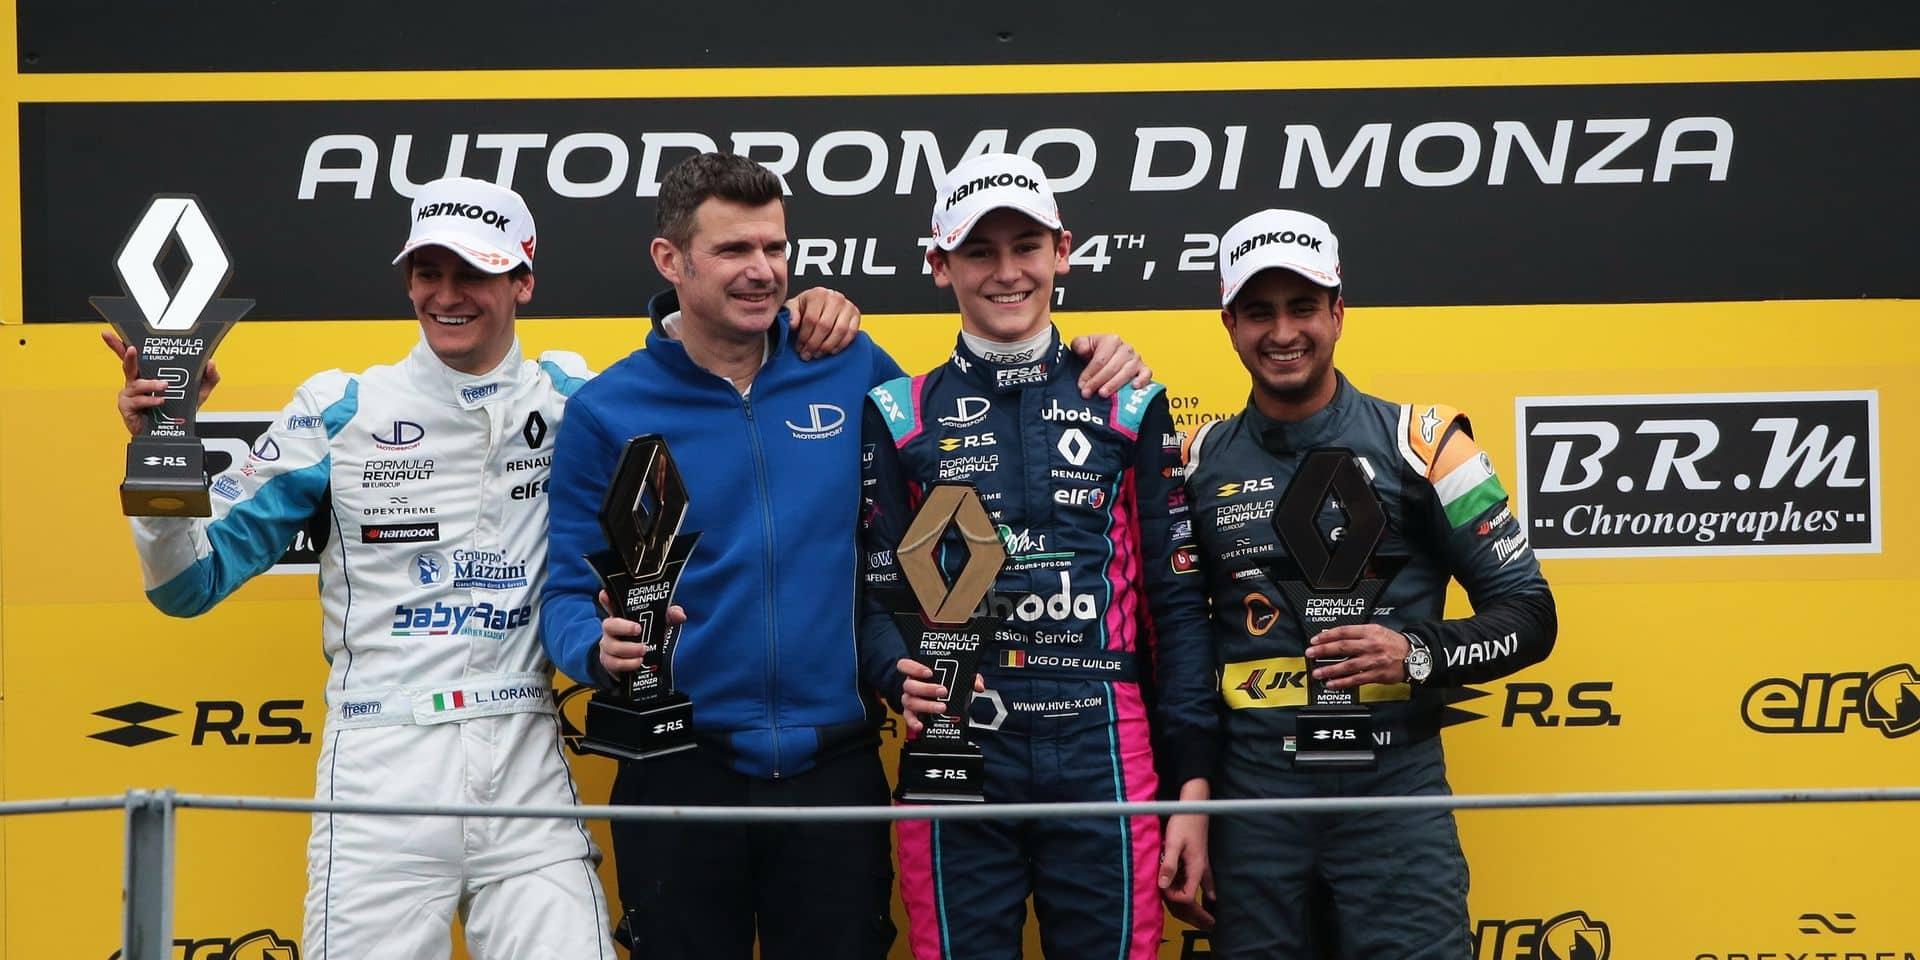 Brabançonne à Monza avec la victoire d'Ugo de Wilde en Formule Renault !